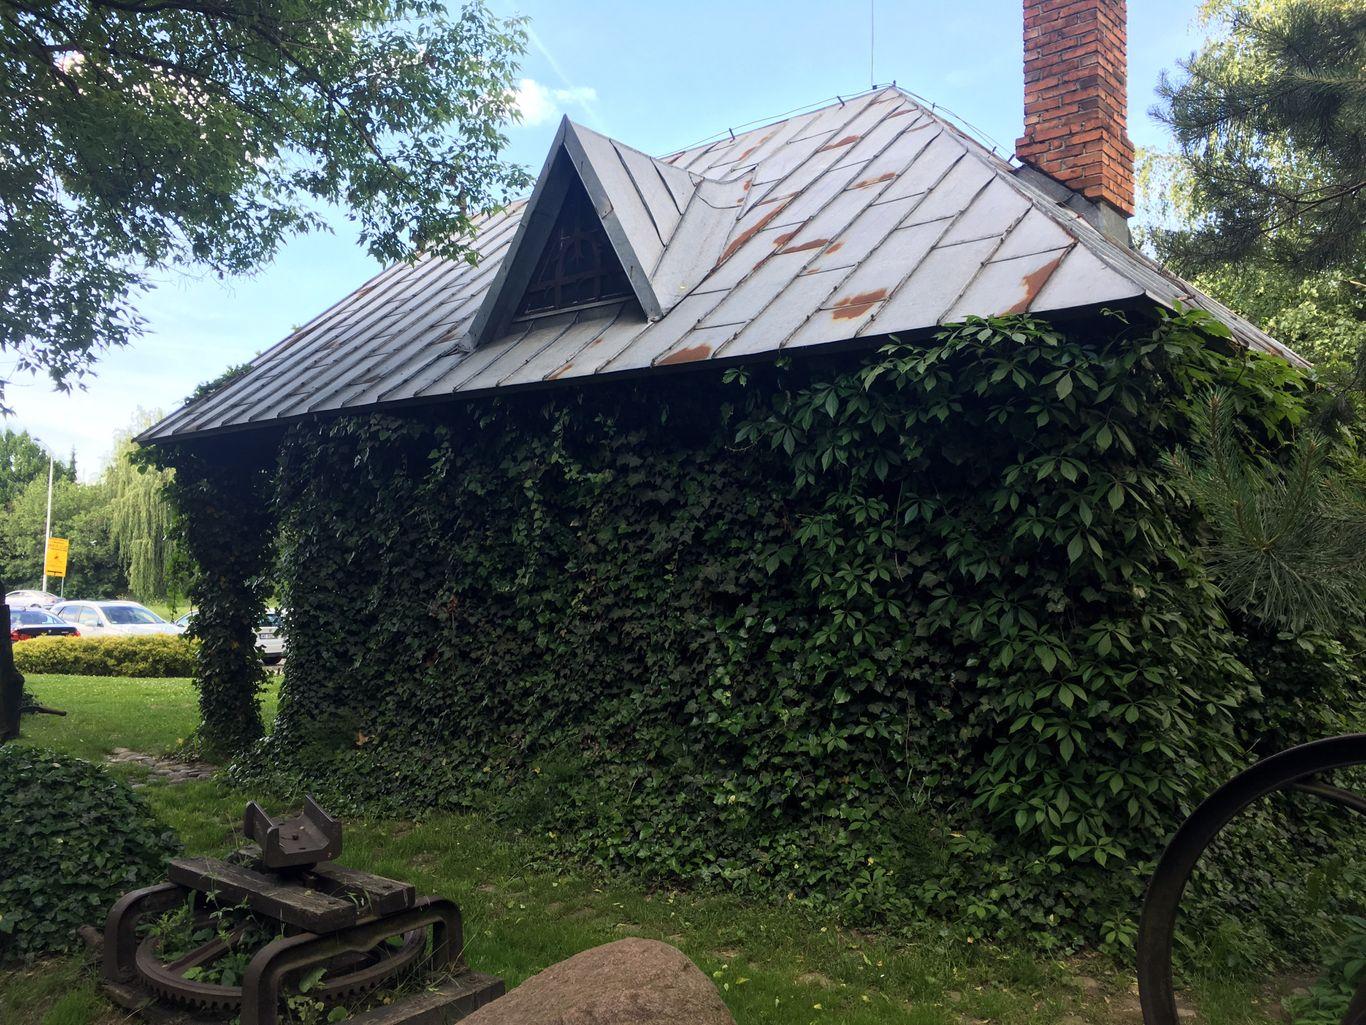 Muzeum kowalstwa w Warszawie - Dom obrośnięty bluszczem i ceglany komin